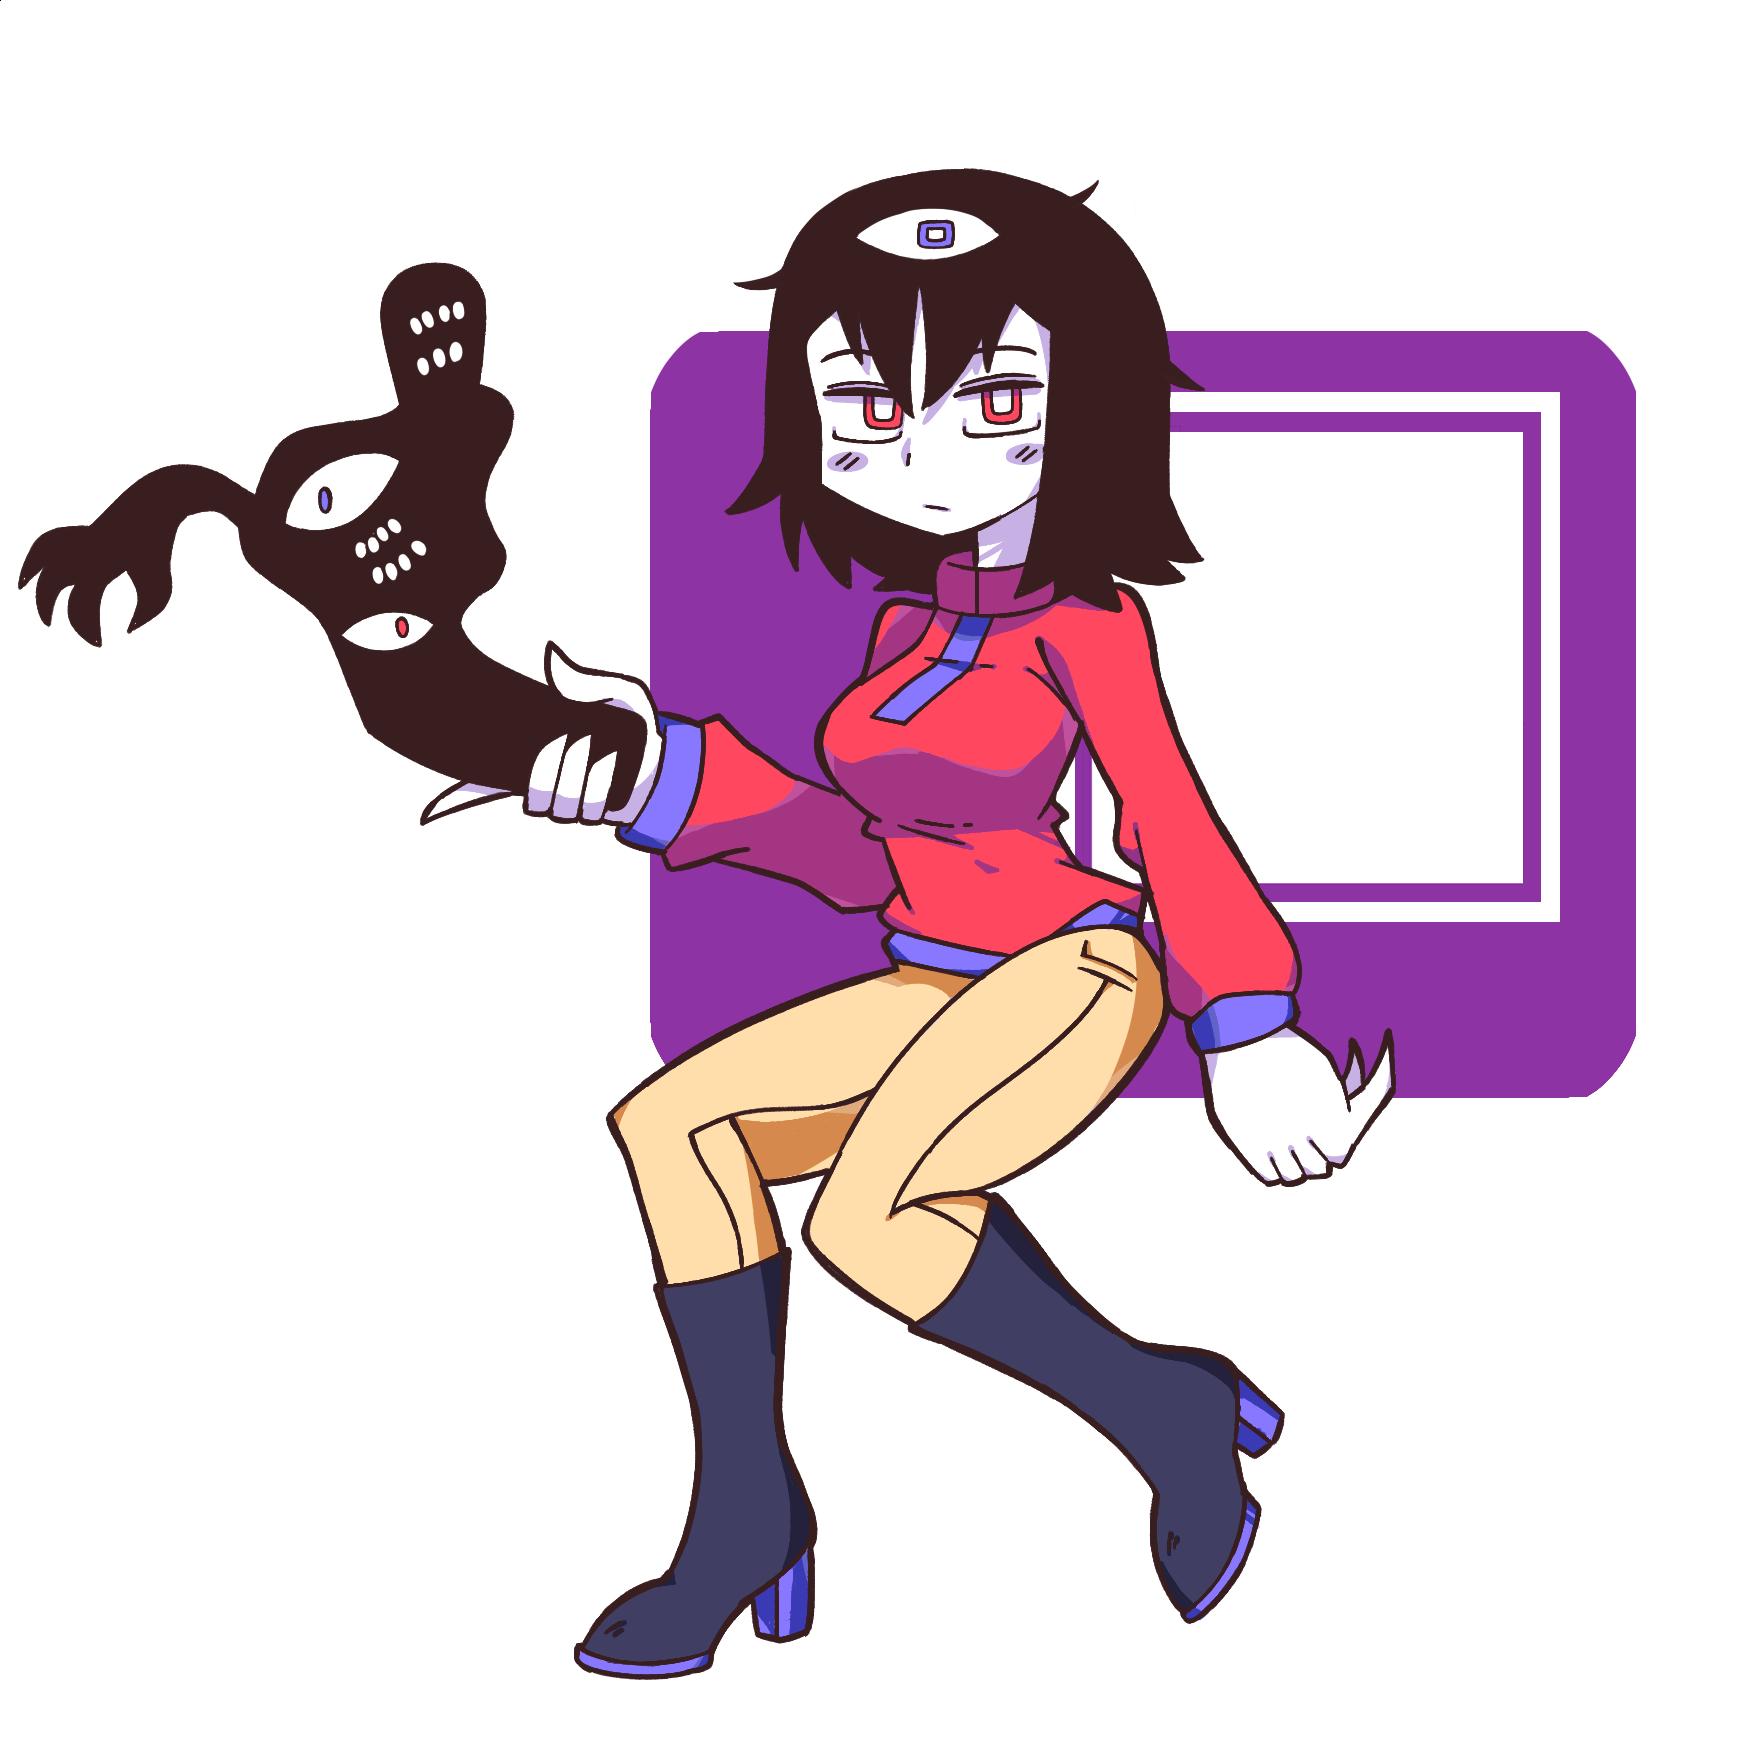 shadow girlladyfriend